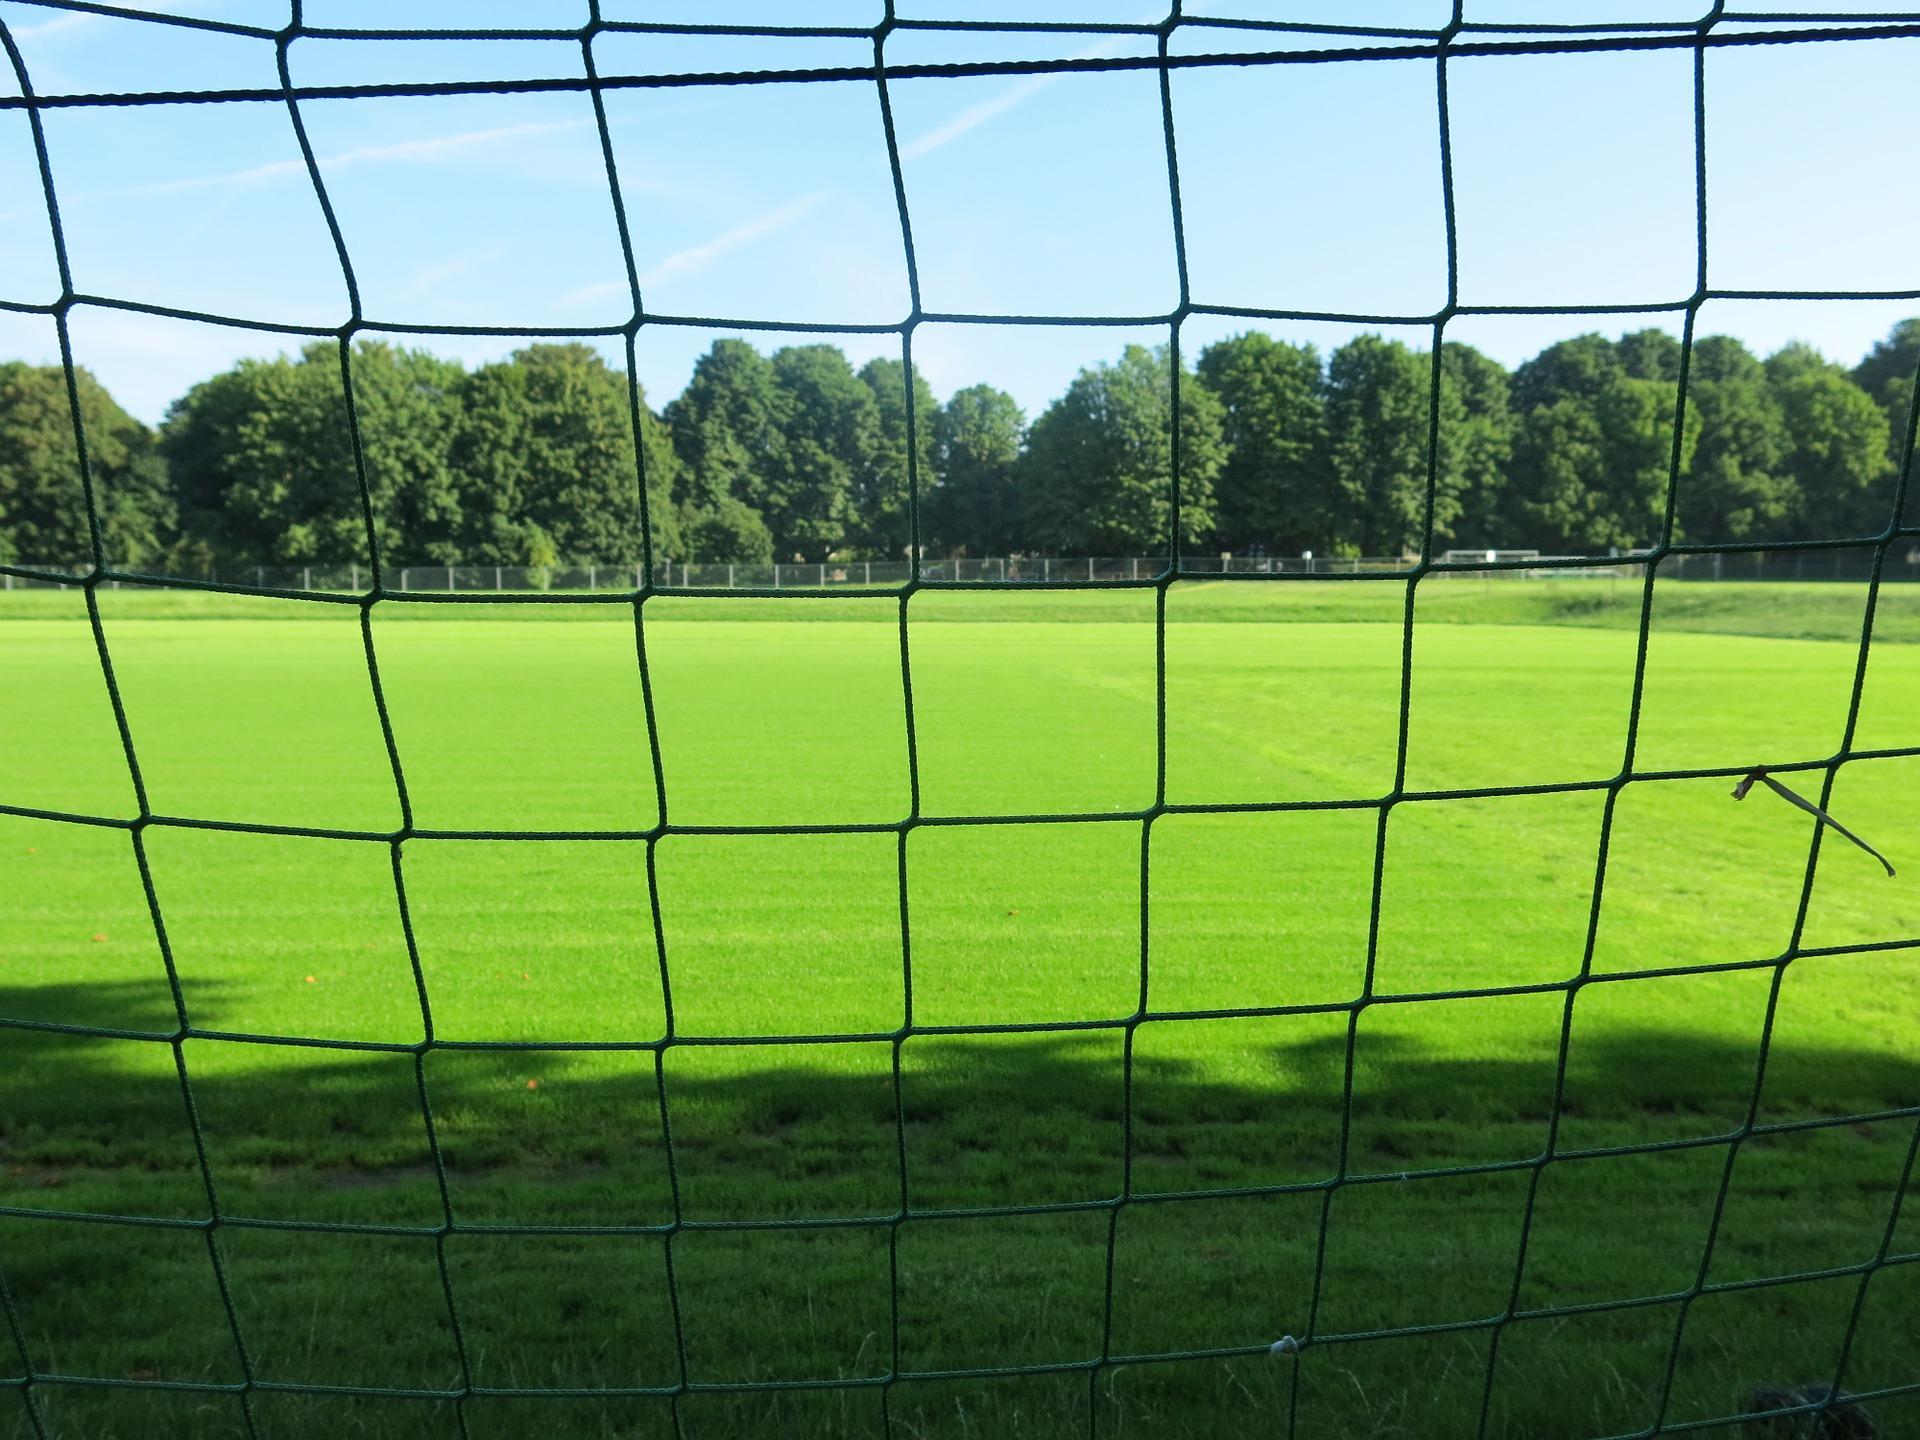 Nogometni travnjak. Izvor: https://pixabay.com/p-467703/?no_redirect